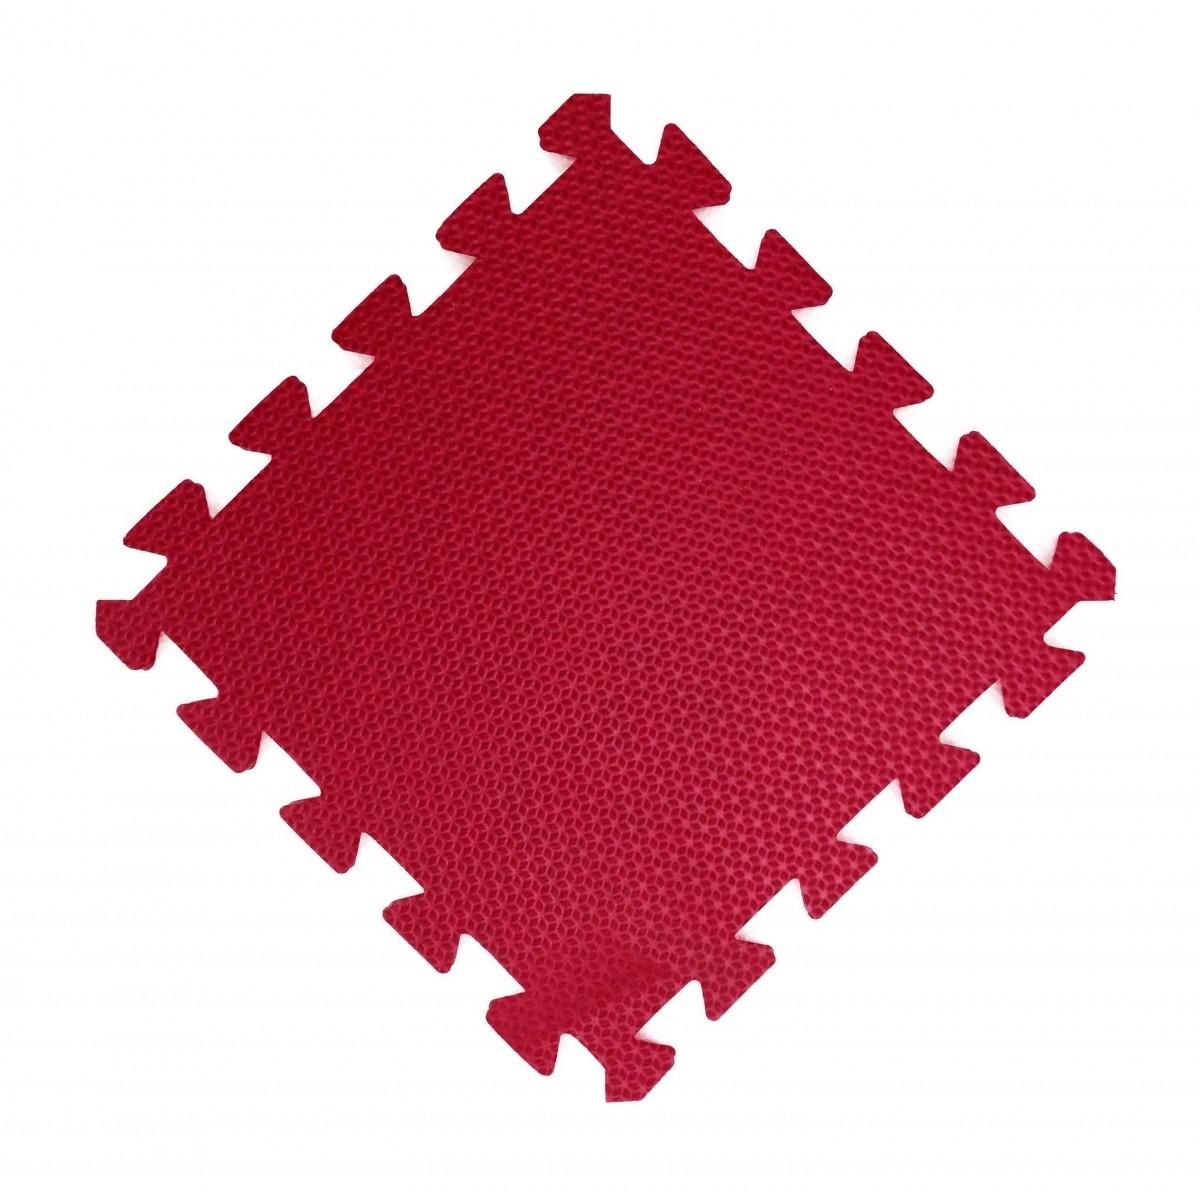 Tatames 30x30cm Com 10mm de Espessura    Vermelho  -